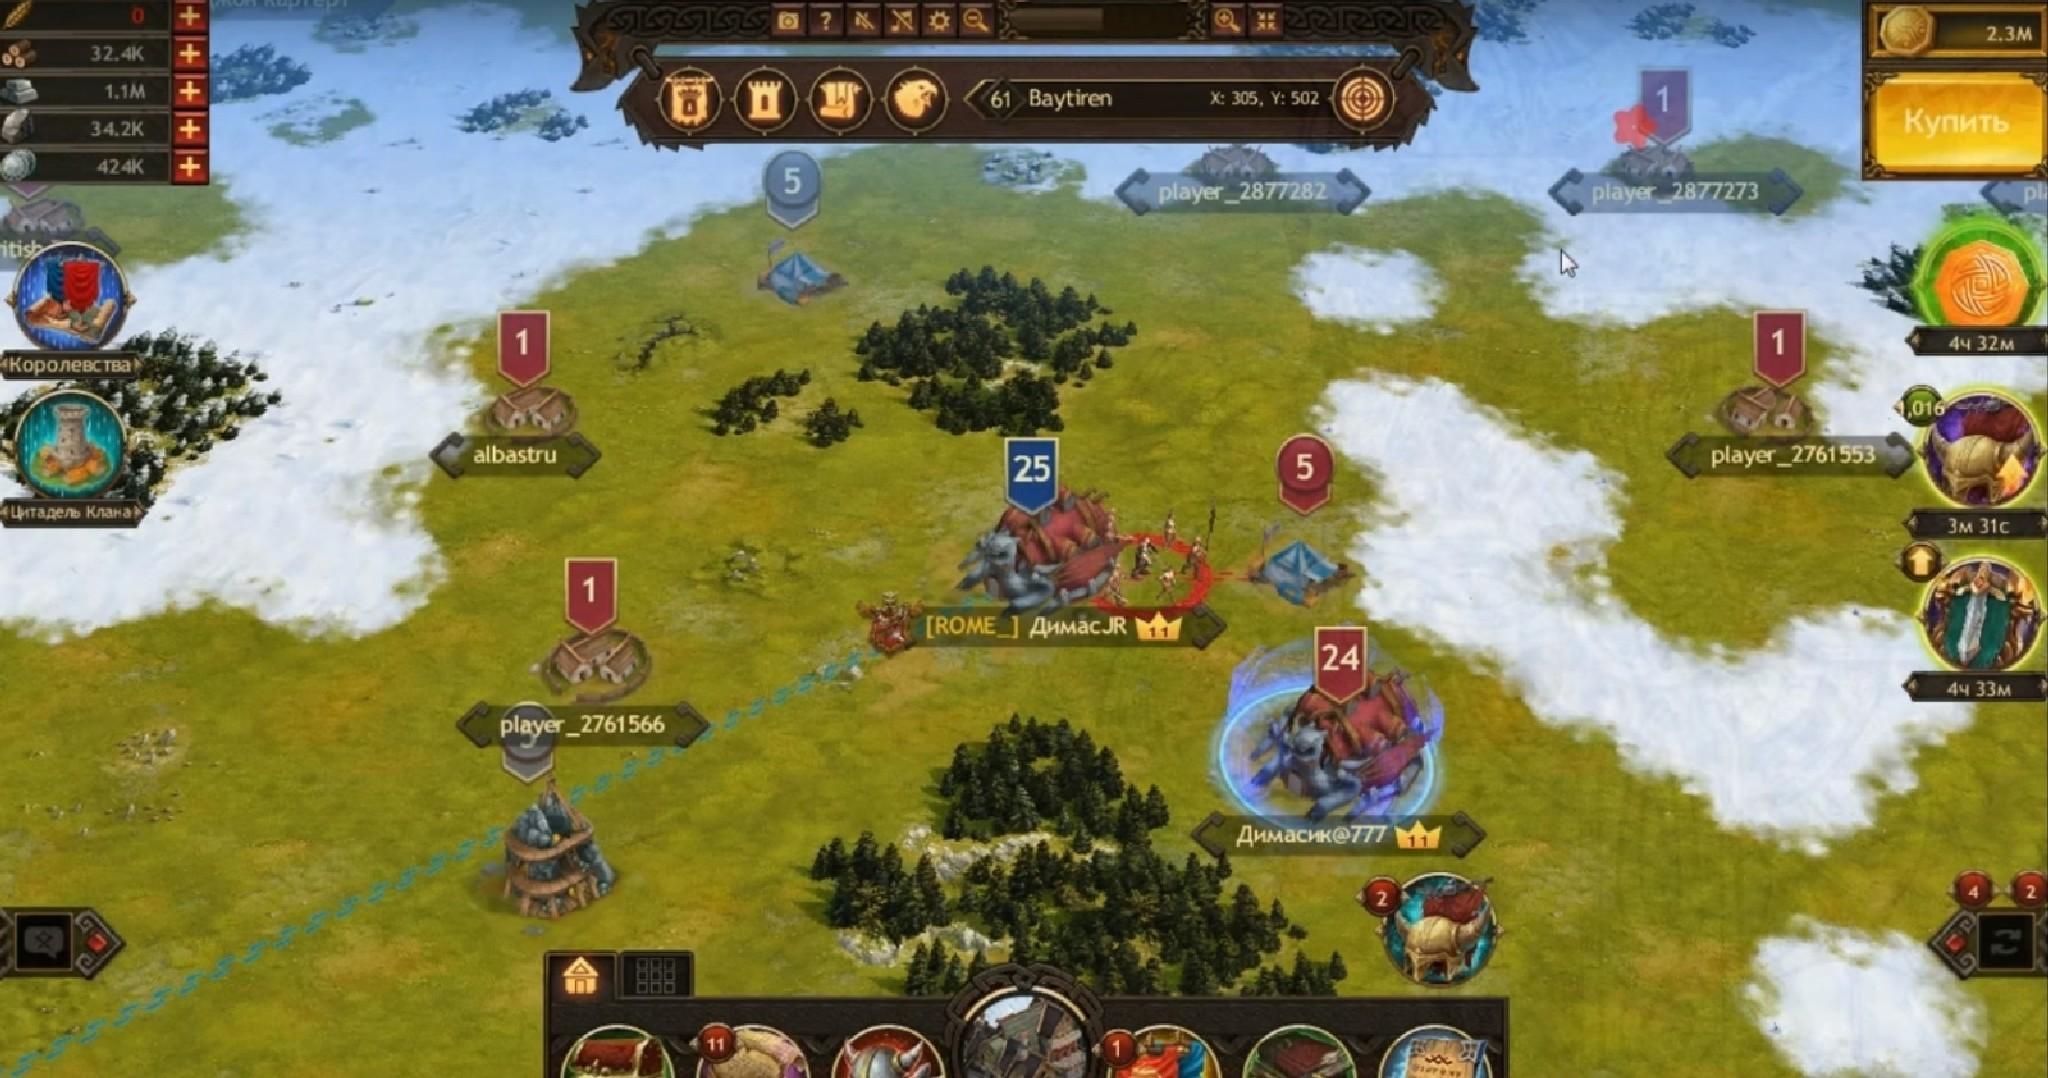 игра викинги война кланов онлайн как играть.